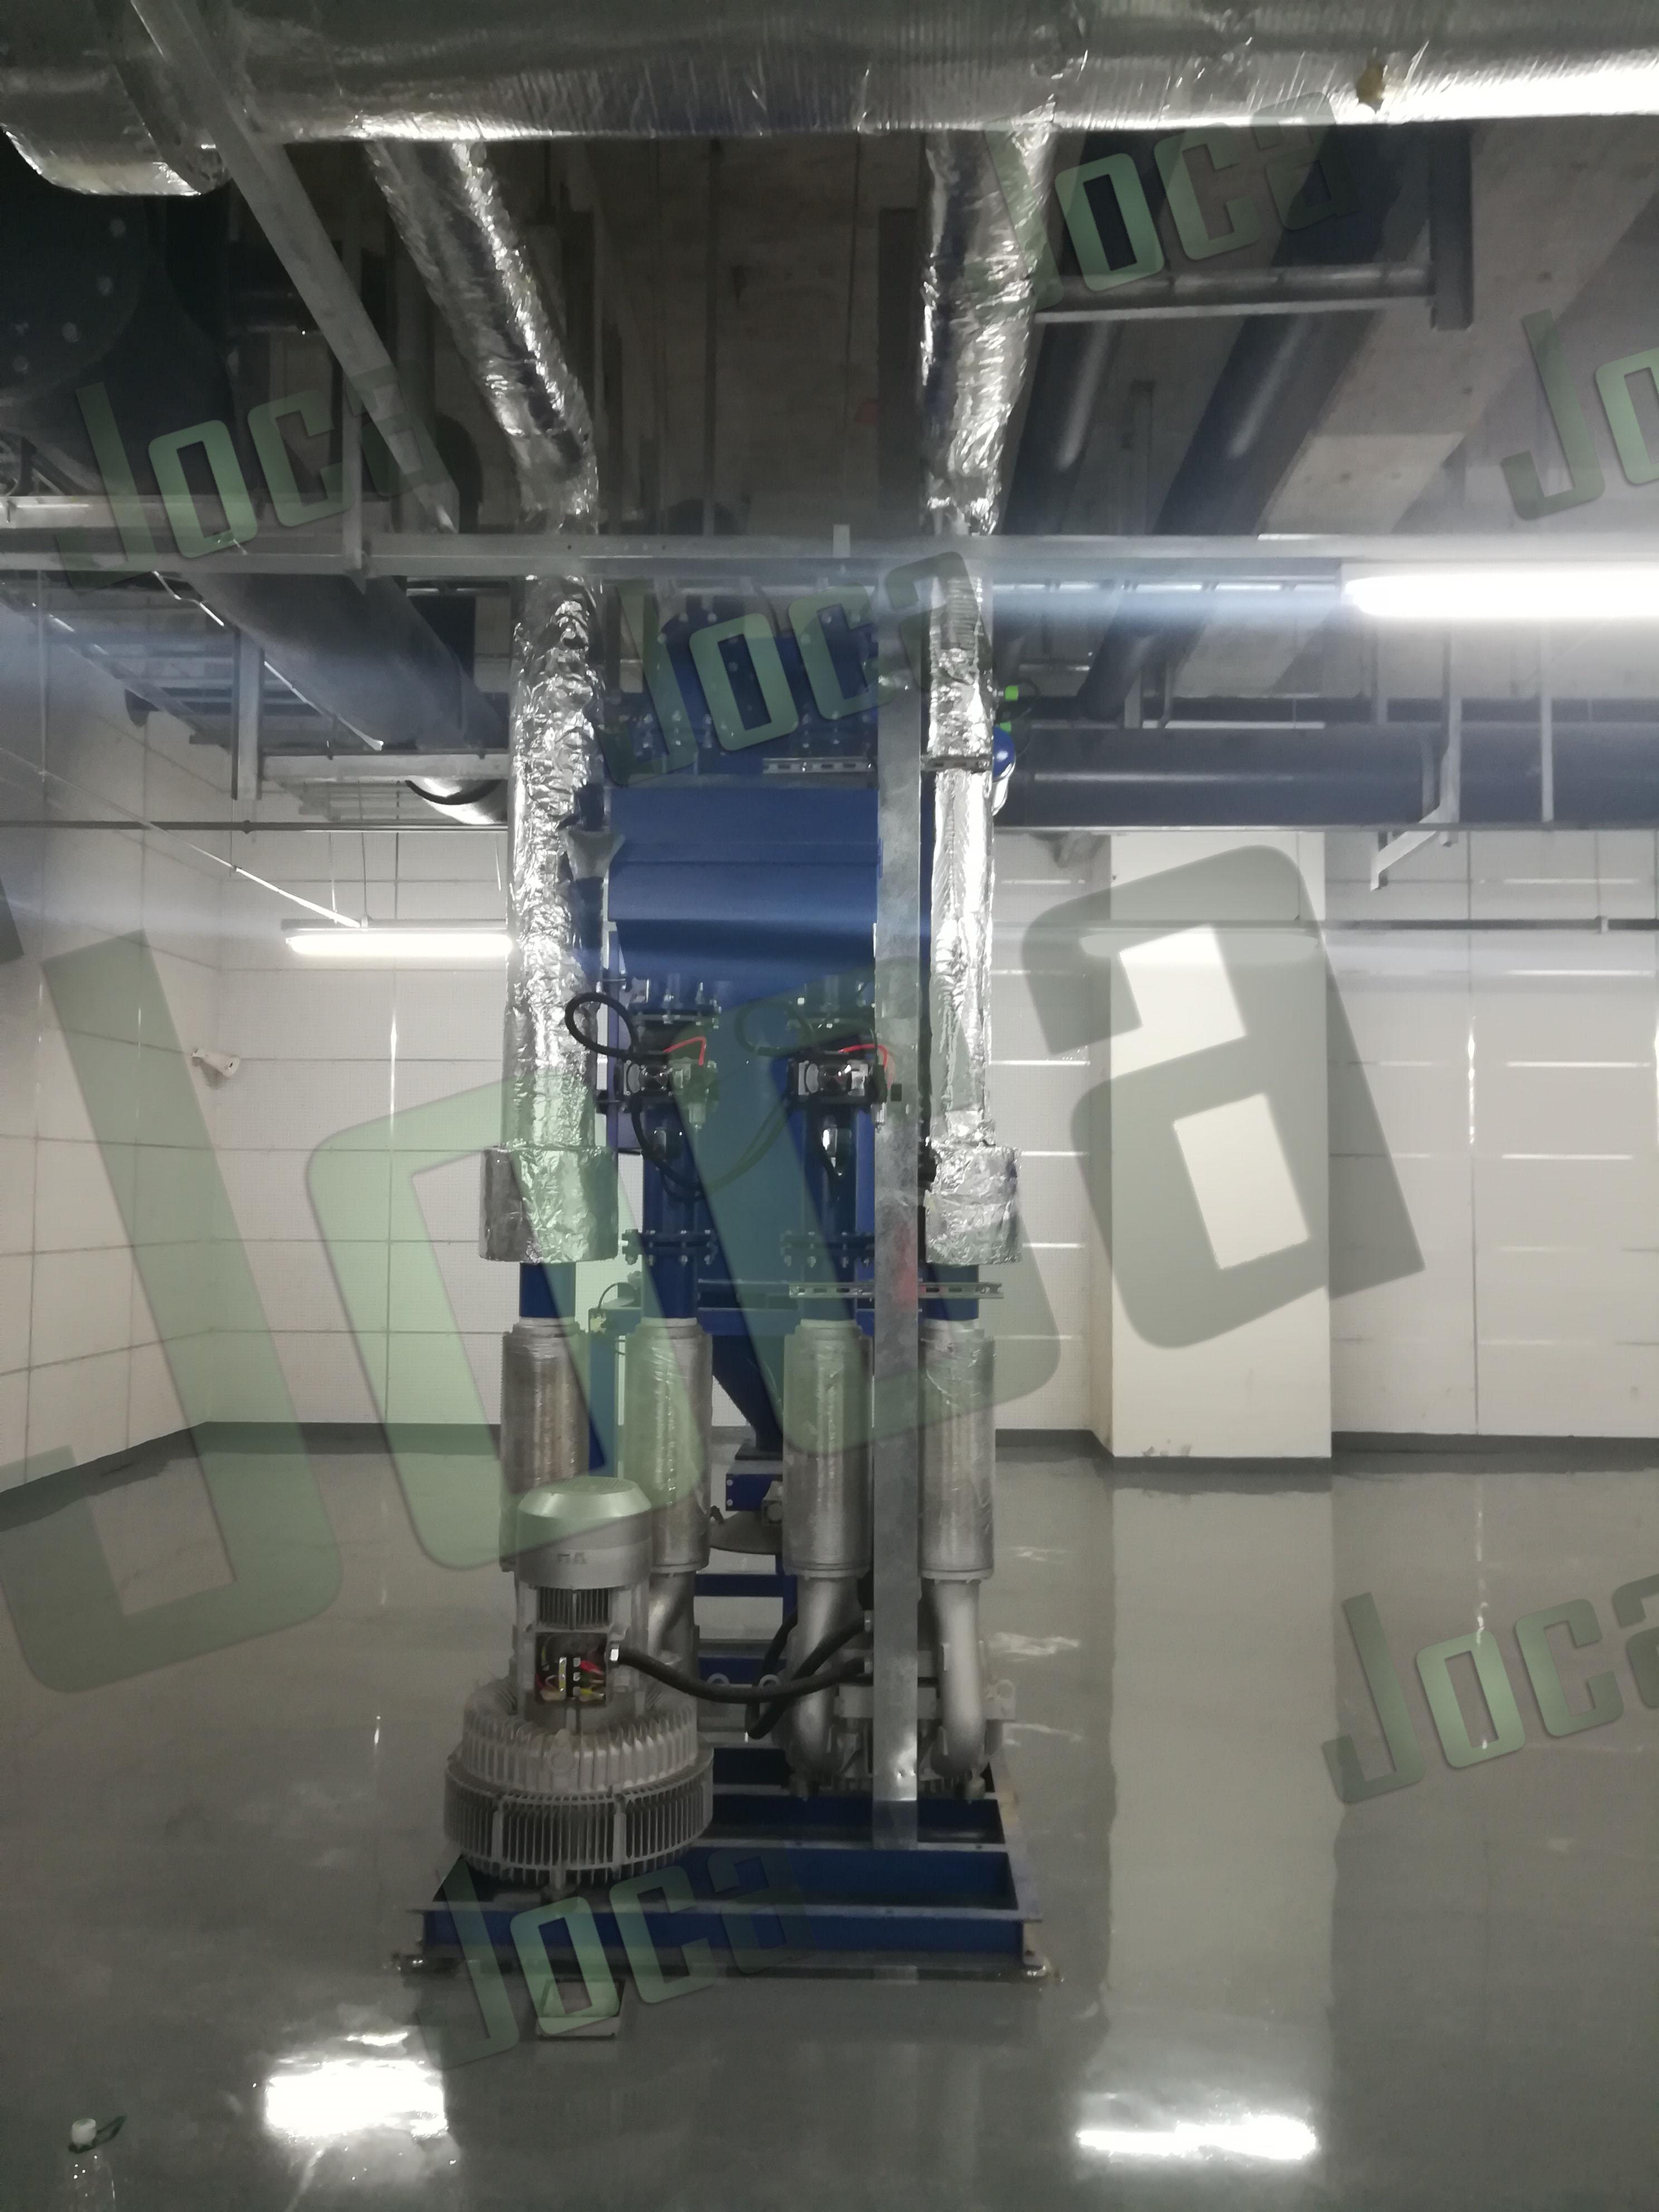 中央集尘系统 中央清扫系统 中央除尘系统